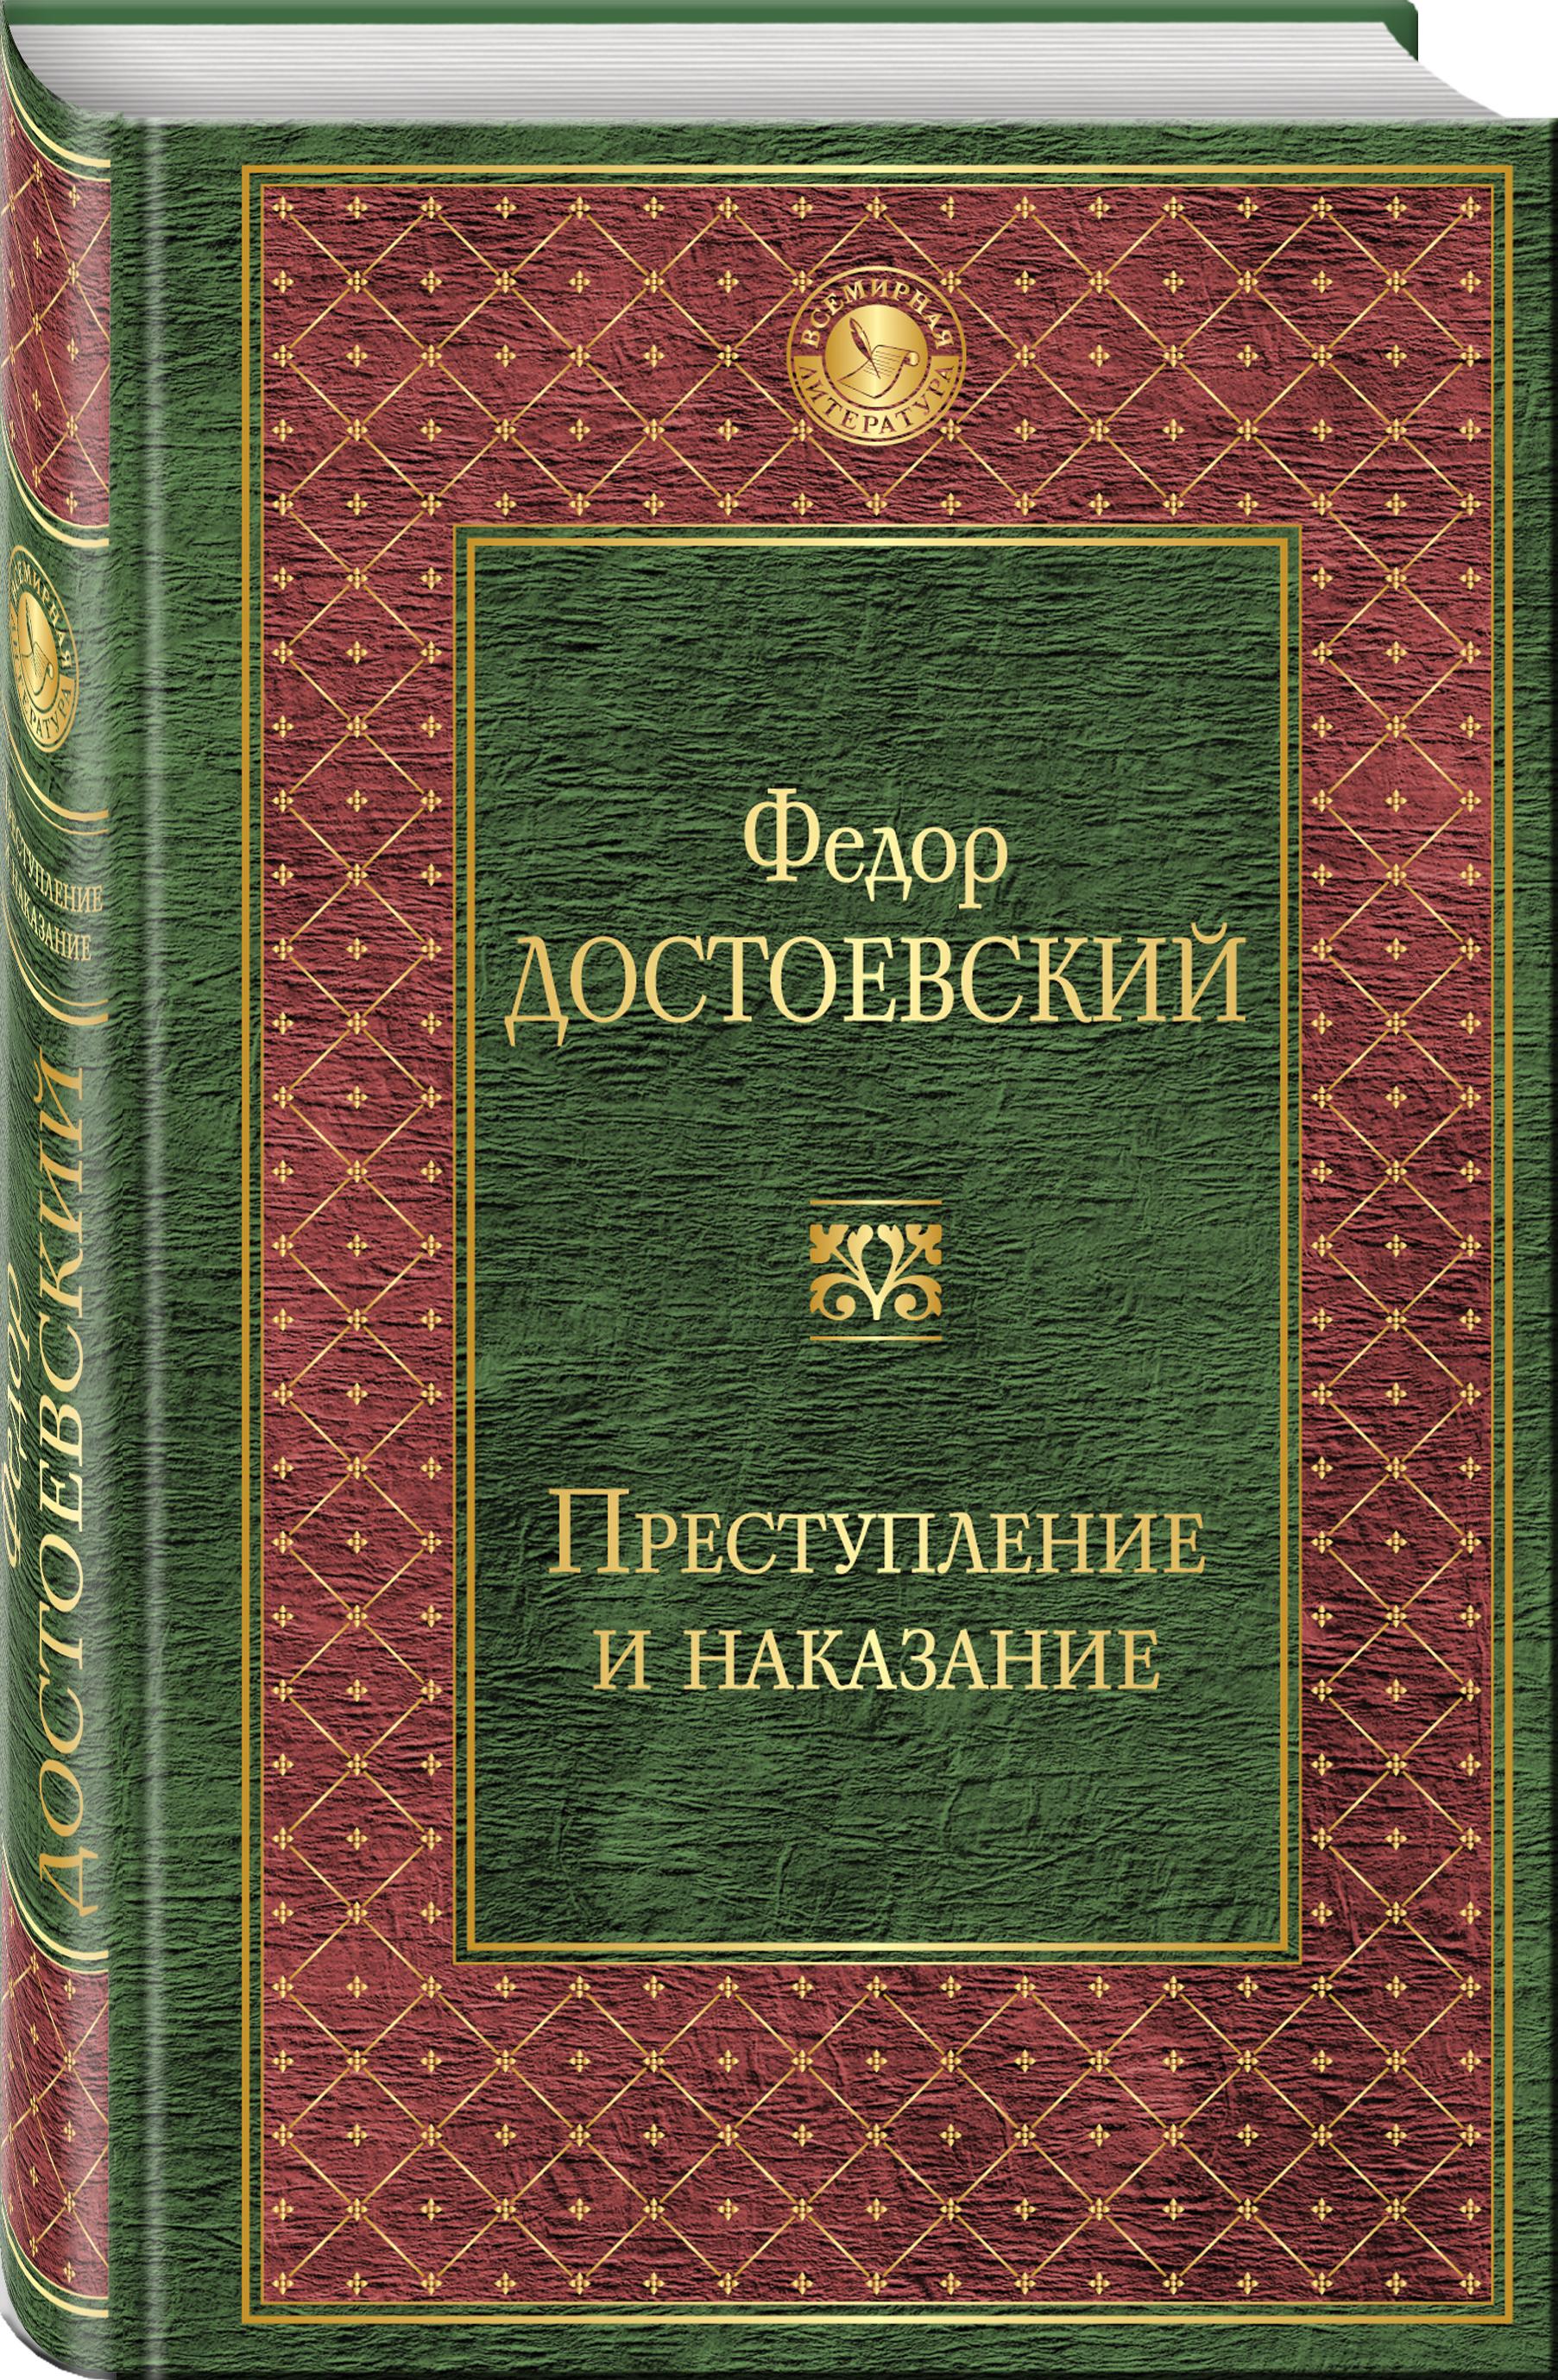 Ф. М. Достоевский Преступление и наказание